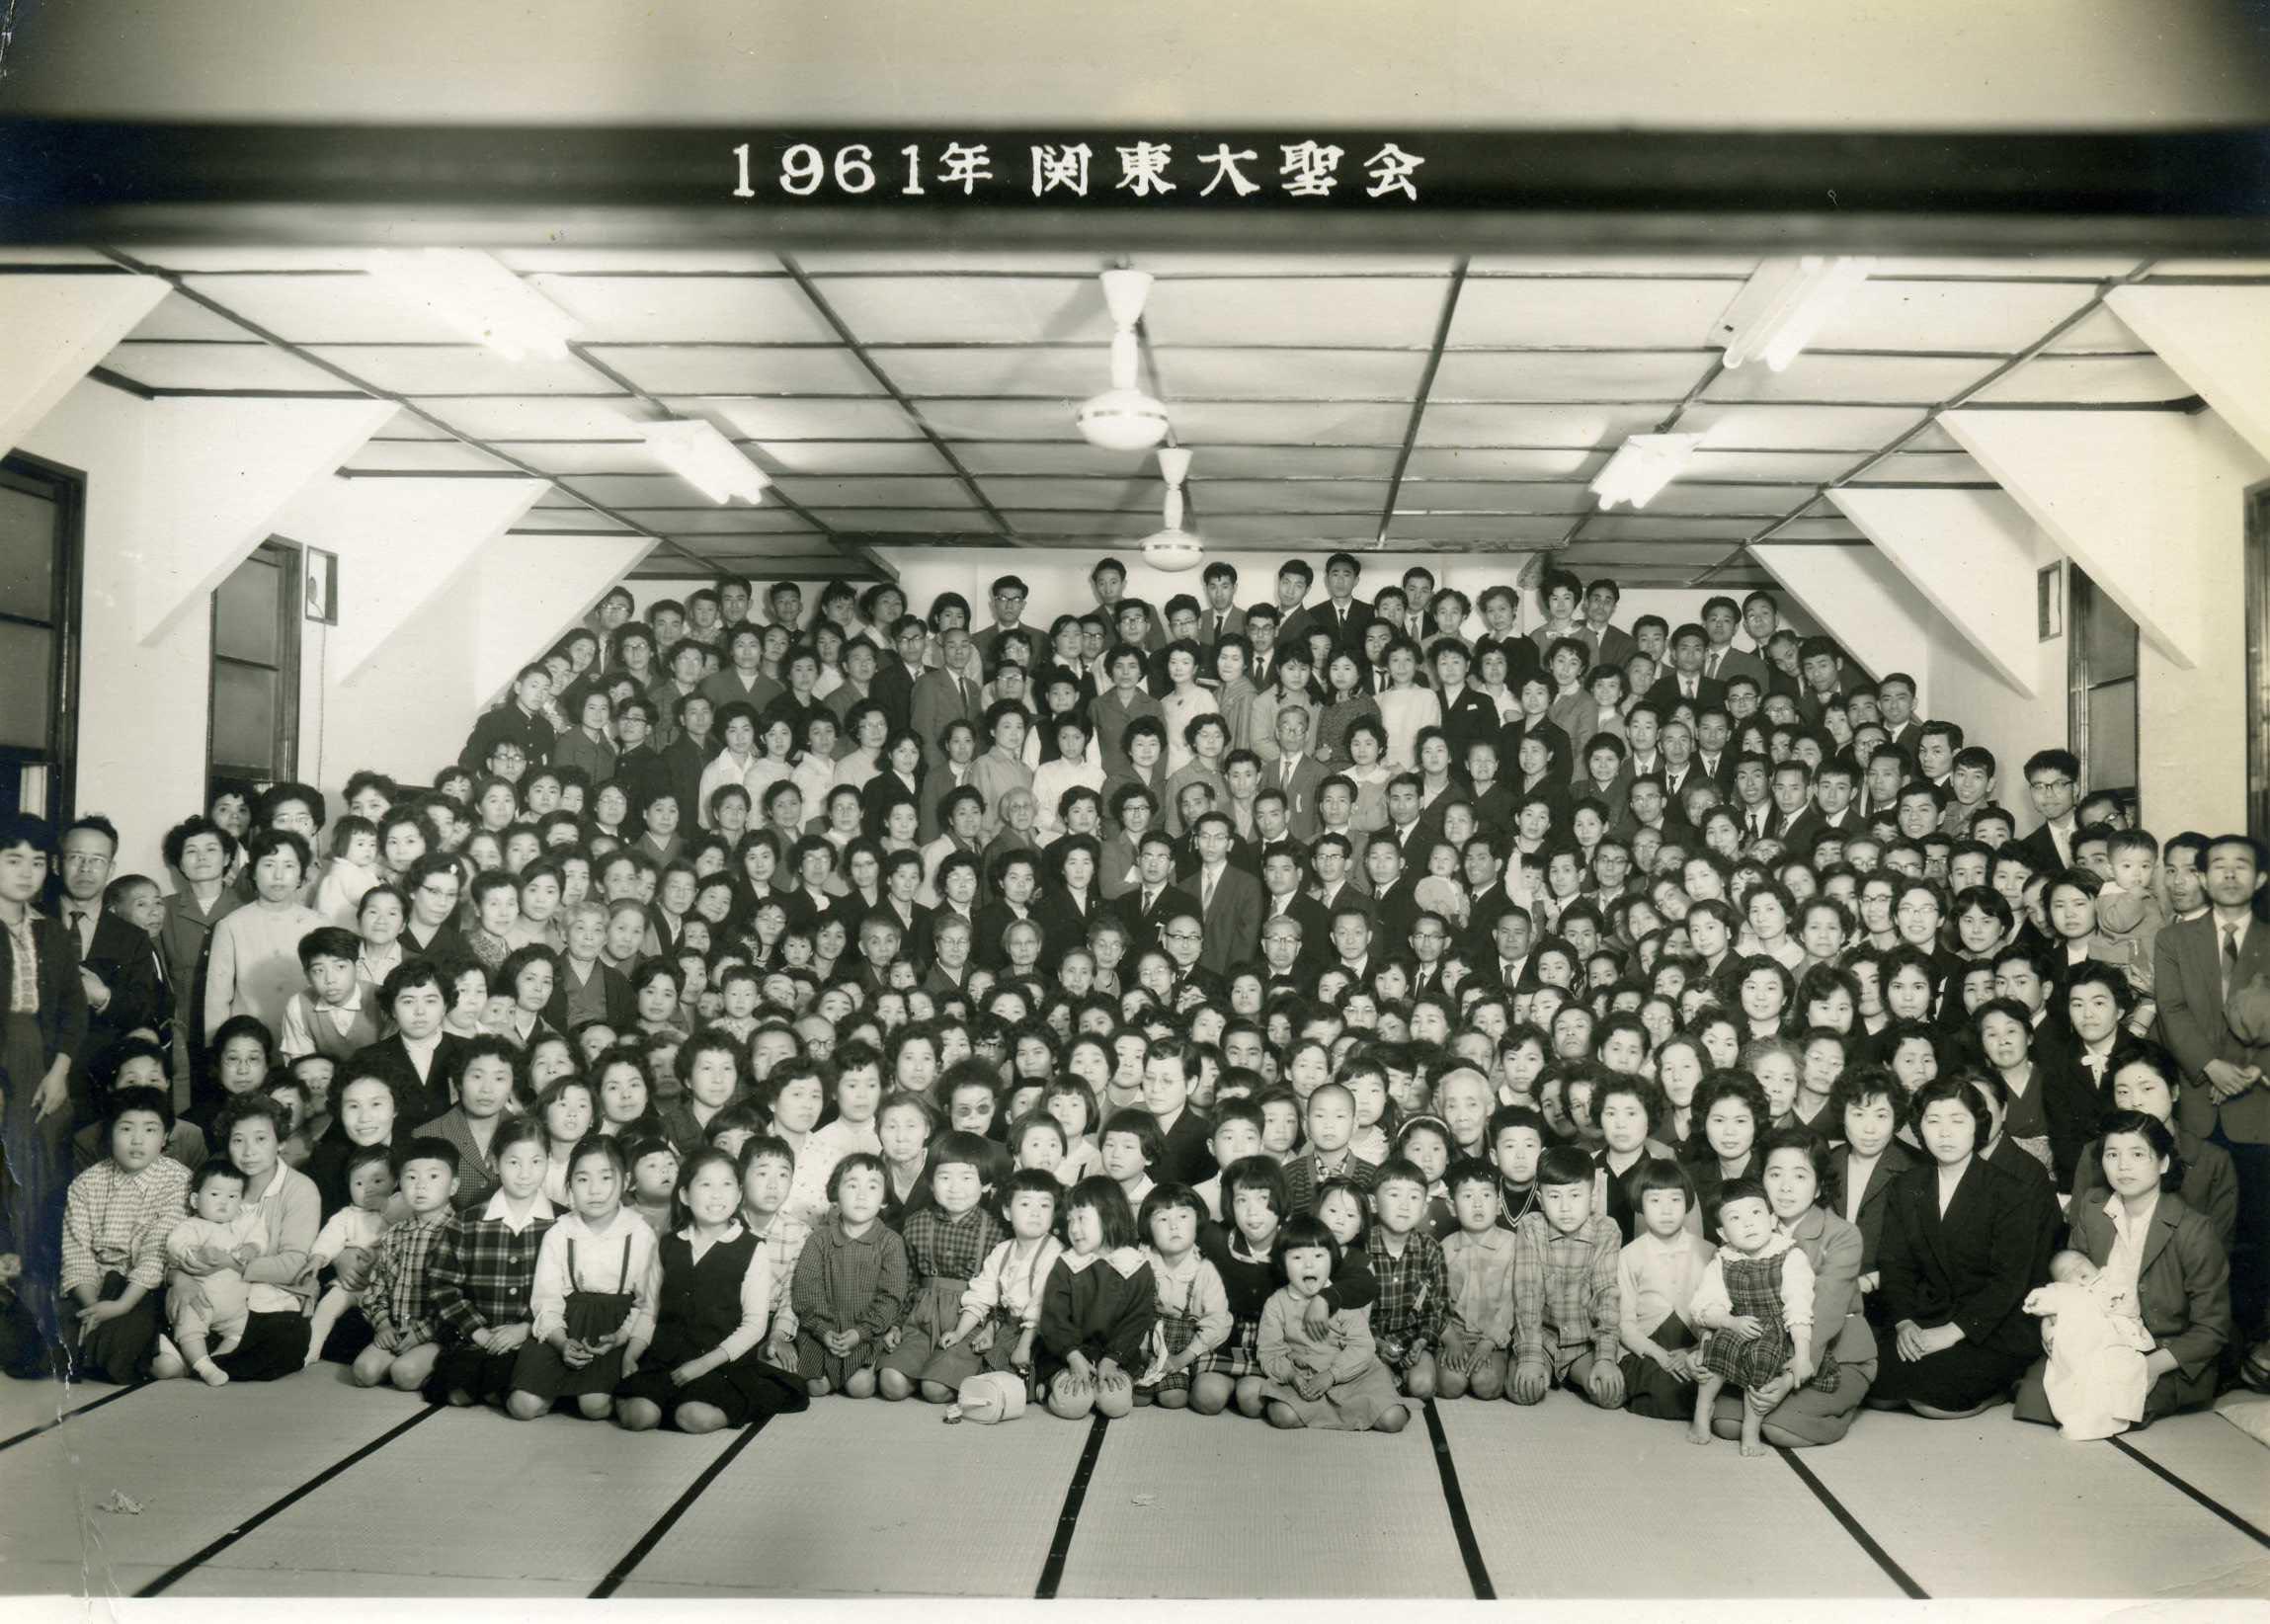 img031 のコピー